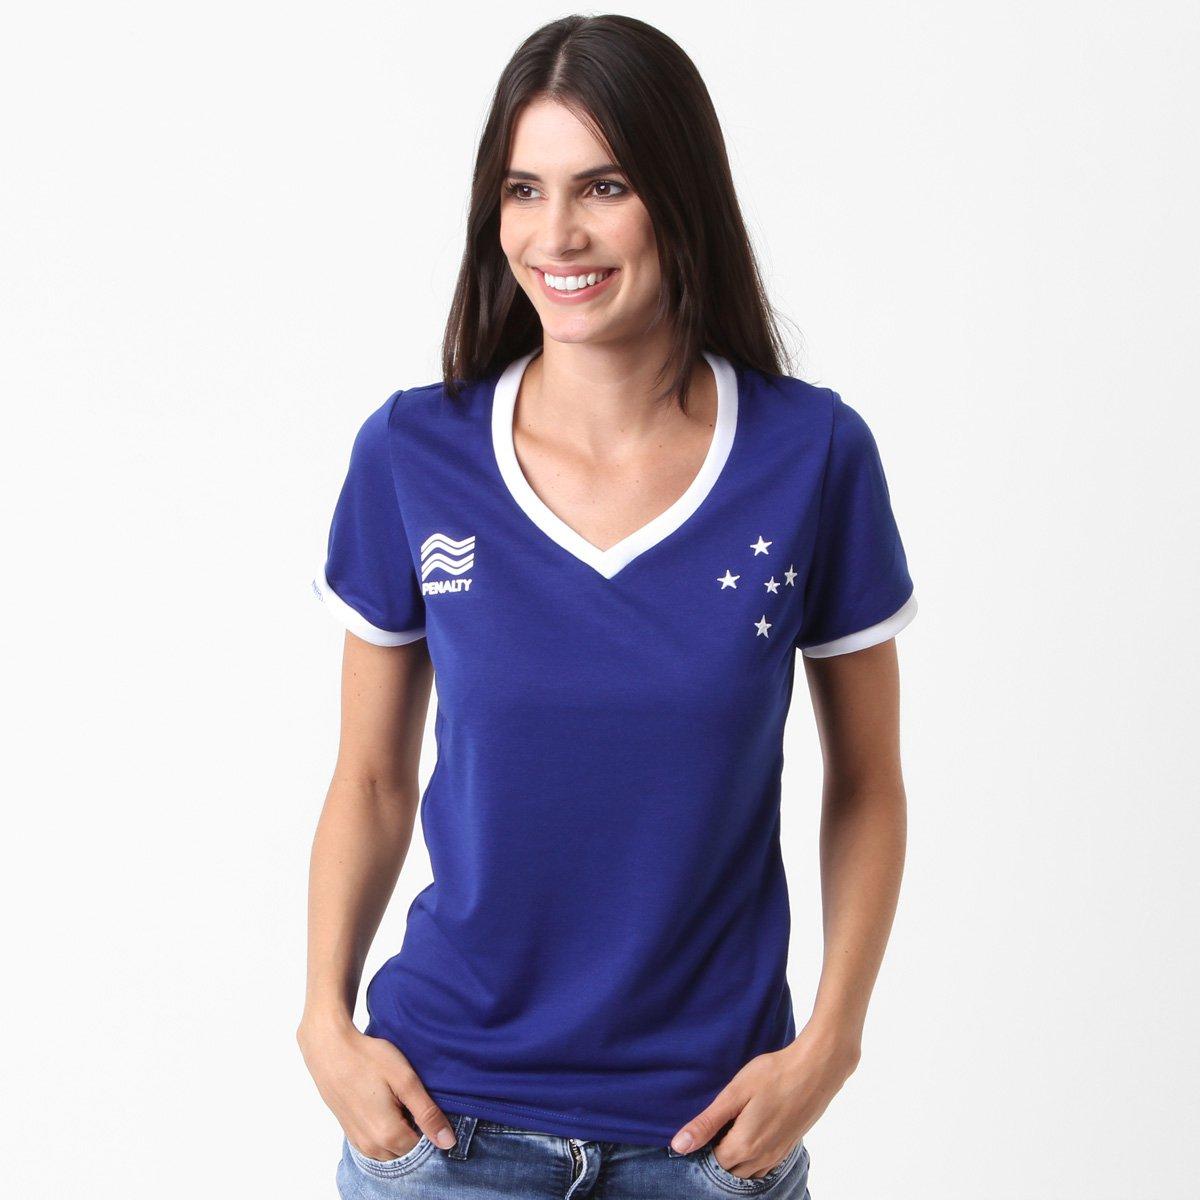 Camiseta Cruzeiro Torcedor Penalty Feminina - Compre Agora  727403e998e3f